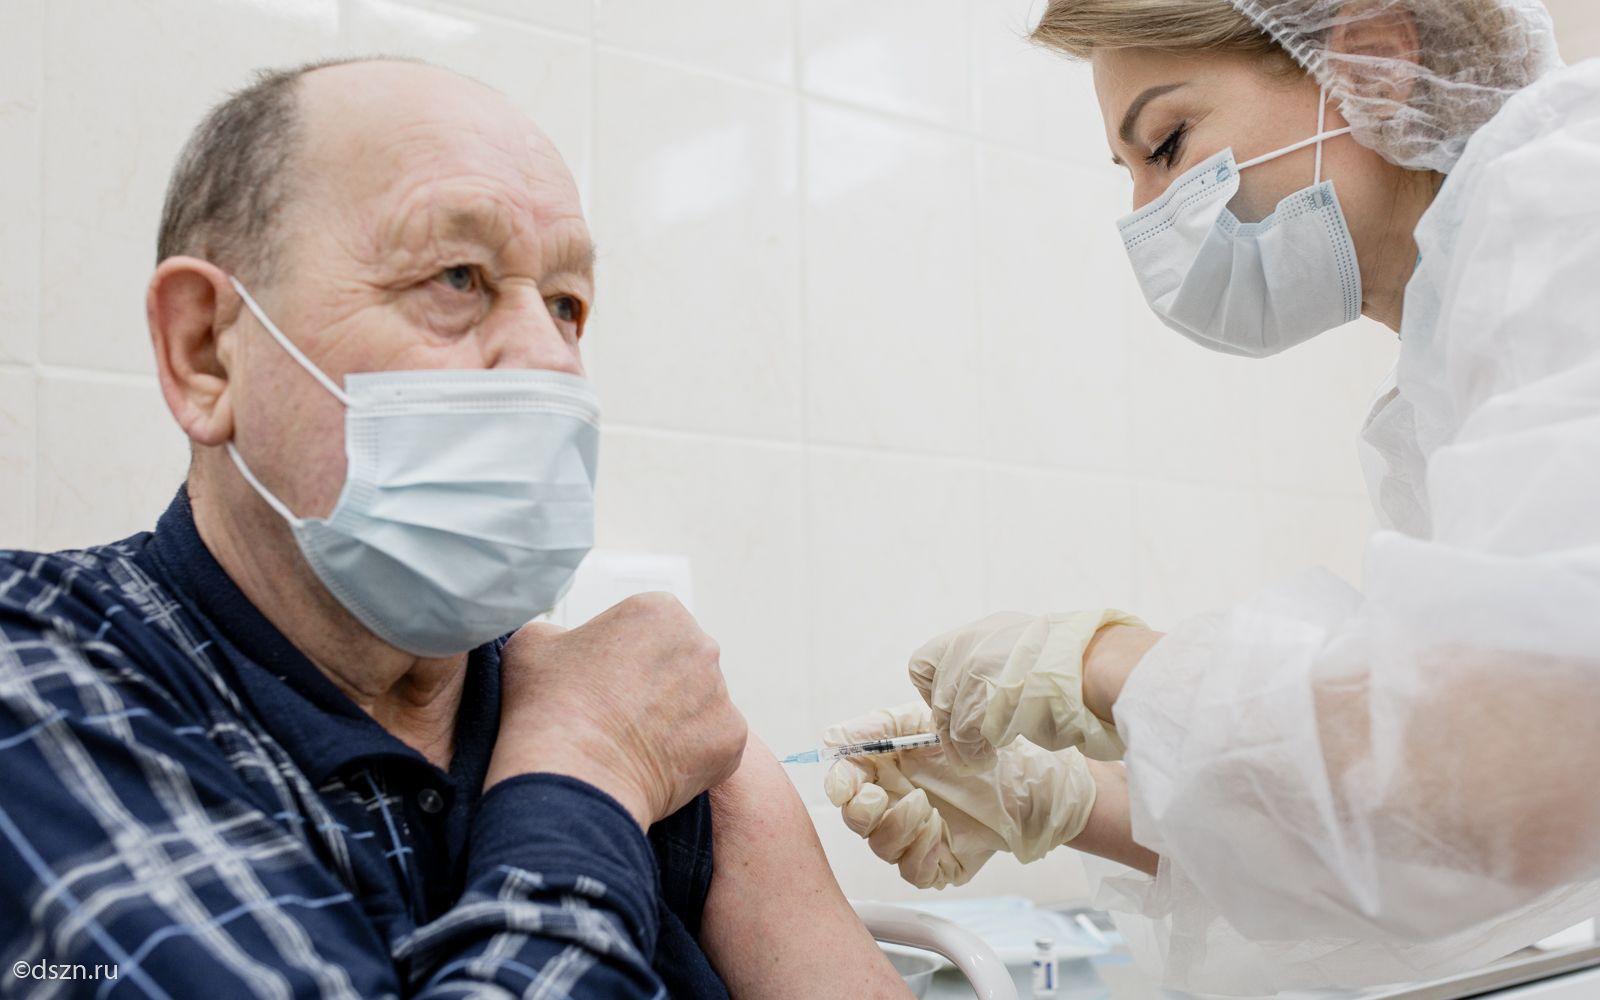 Роспотребнадзор ответил наактуальные вопросы про вакцинацию отCOVID-19